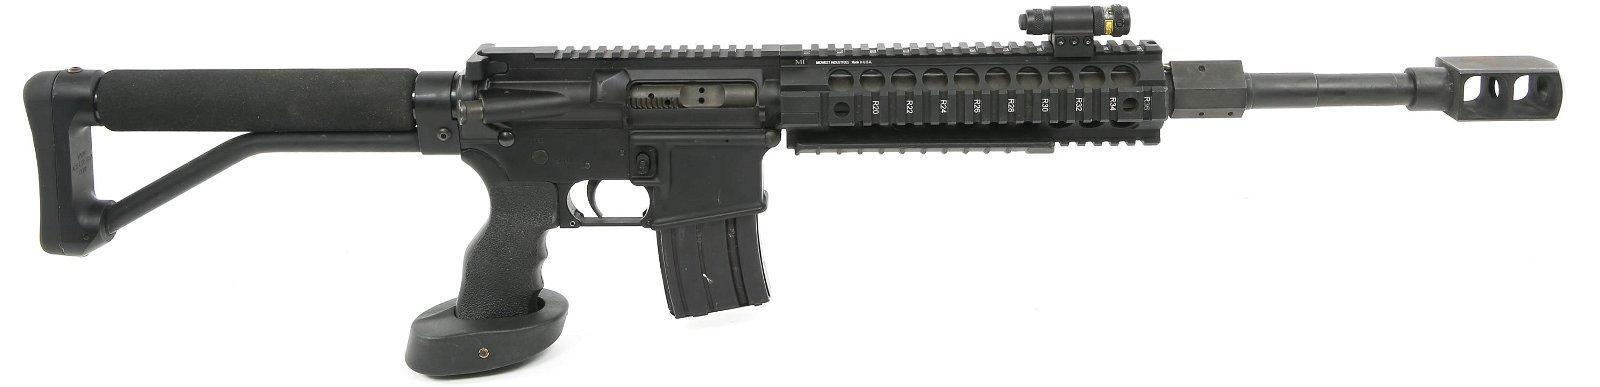 BUSHMASTER MODEL XM15-E2S RIFLE